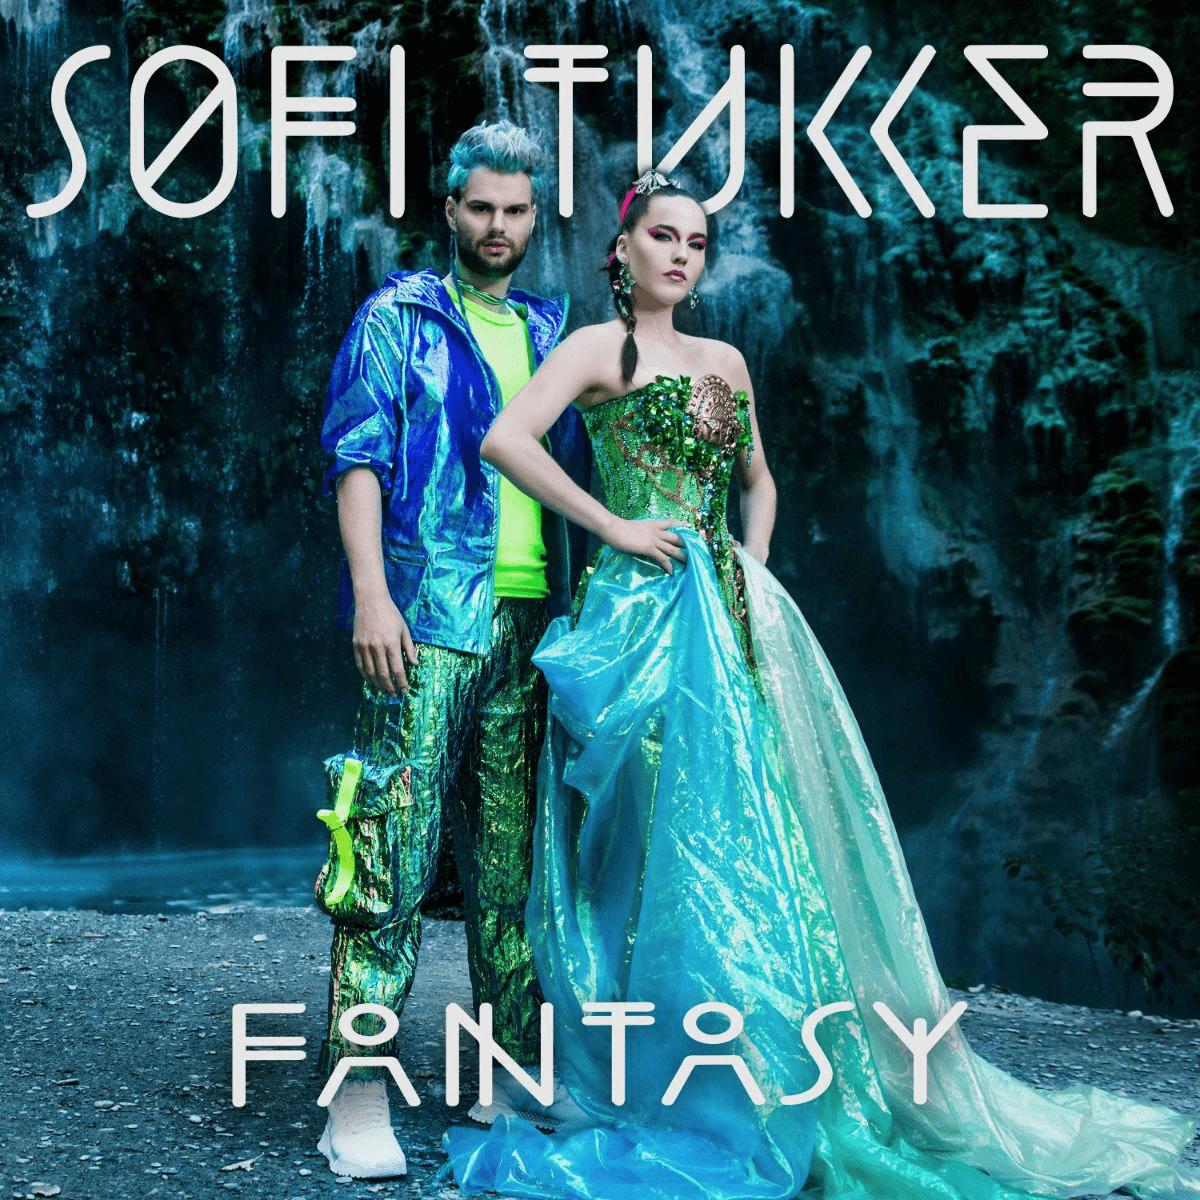 Sofi Tukker invite you into their 'Fantasy'